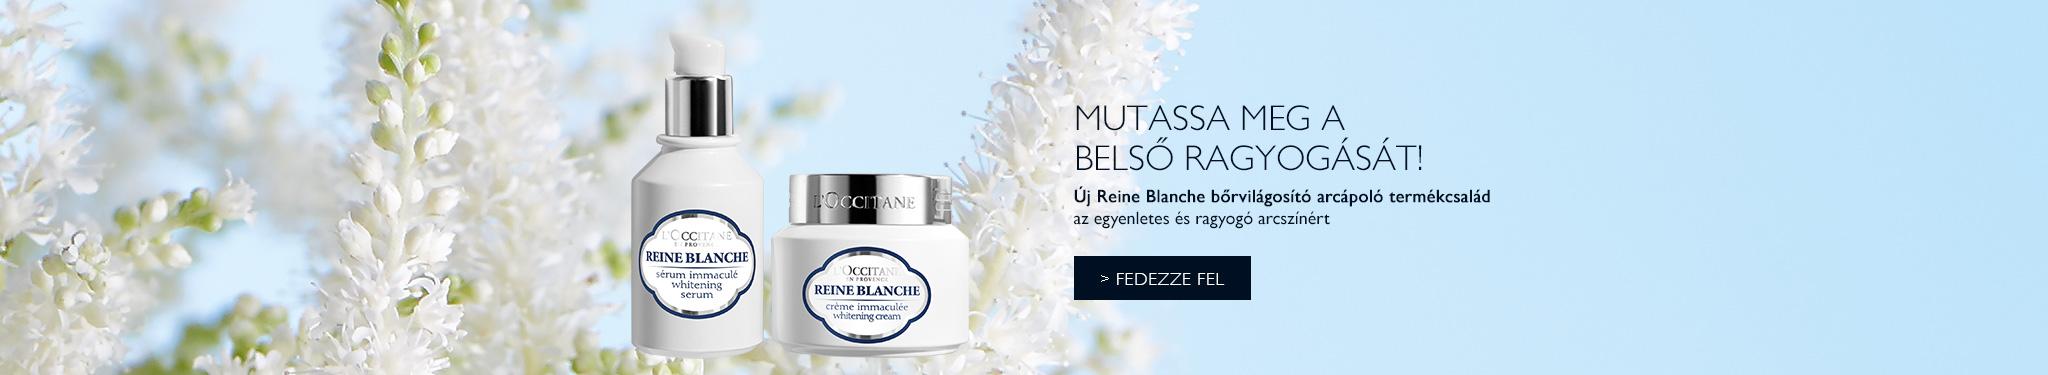 Új Reine Blanche bőrvilágosító arcápoló termékcsalád